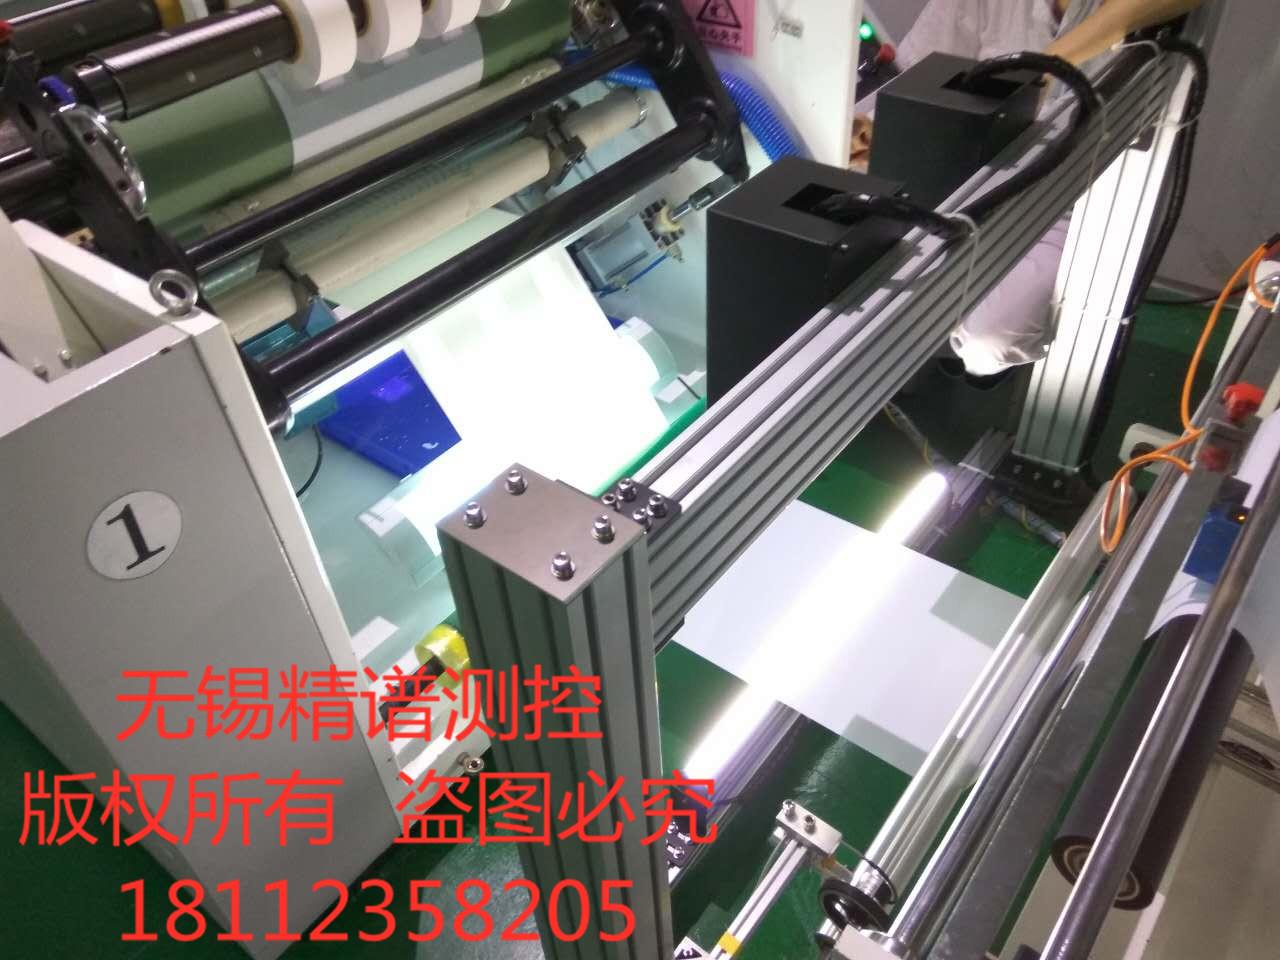 精谱测控锂电隔膜表面瑕疵检测仪精准检测产品质量